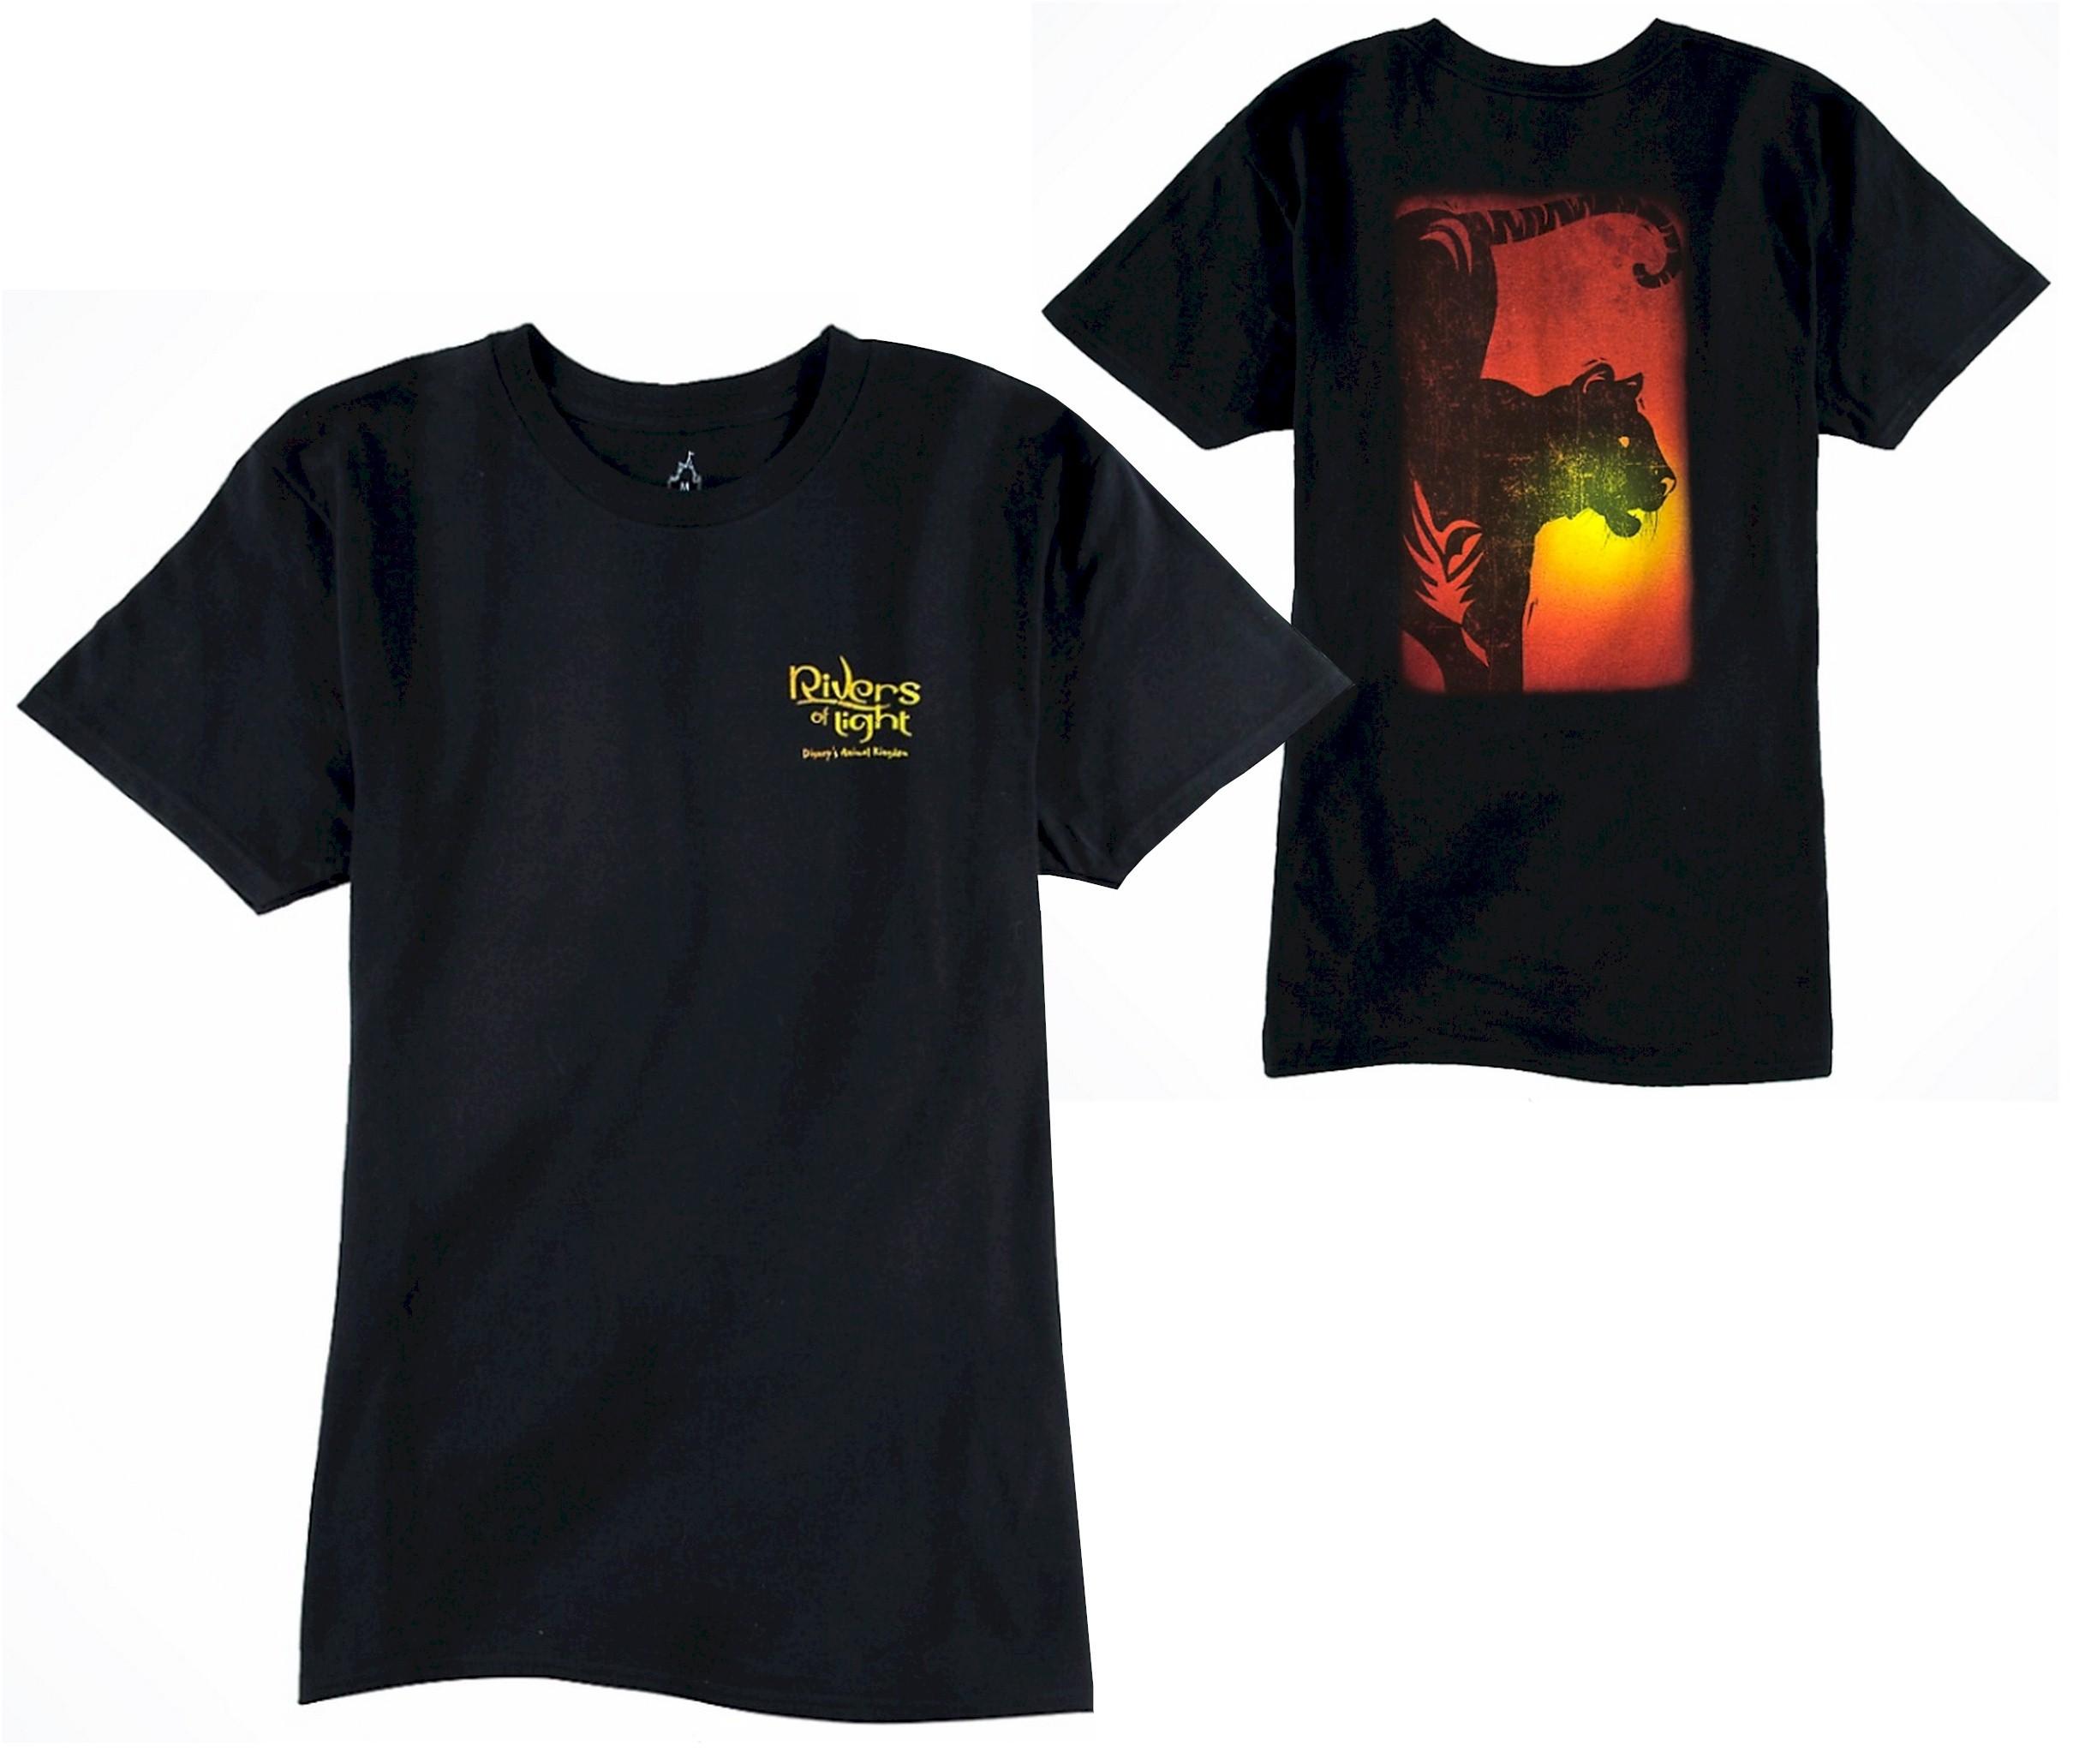 Rivers Of Light AdultT-Shirt (Tee, Tshirt or T shirt) ~ Disney Animal Kingdom